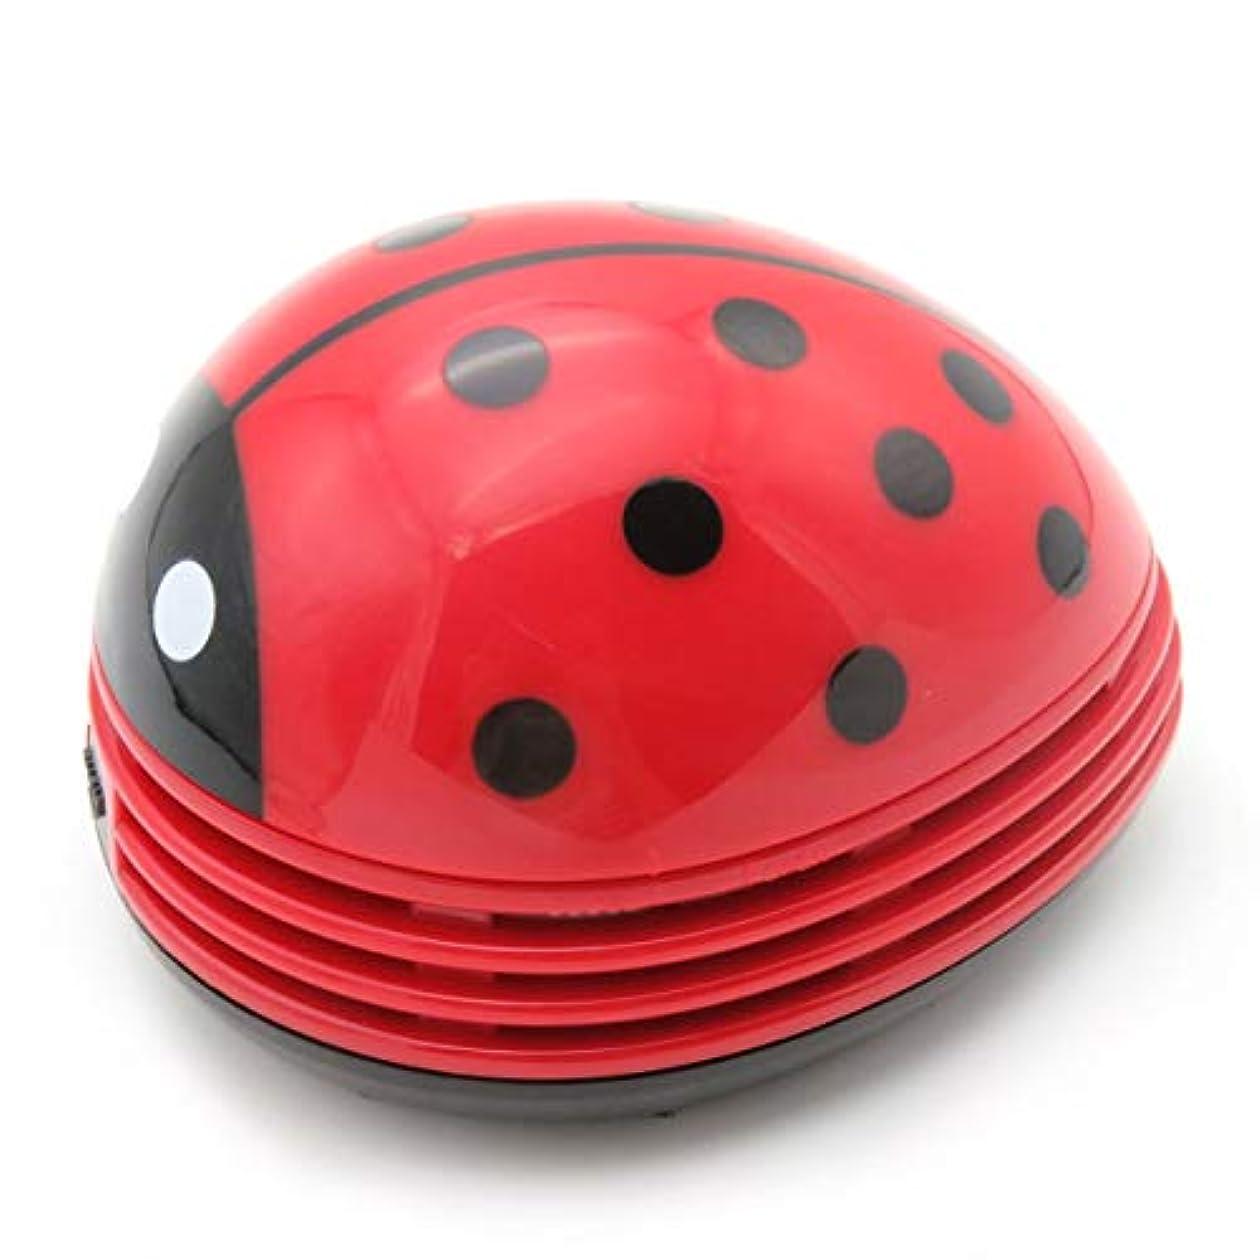 温度オピエート小麦粉Saikogoods ホームオフィス用バッテリ駆動 ラブリー漫画の形 デスクトップキーボードの掃除機 ミニ集塵機 クラムスイーパー 赤